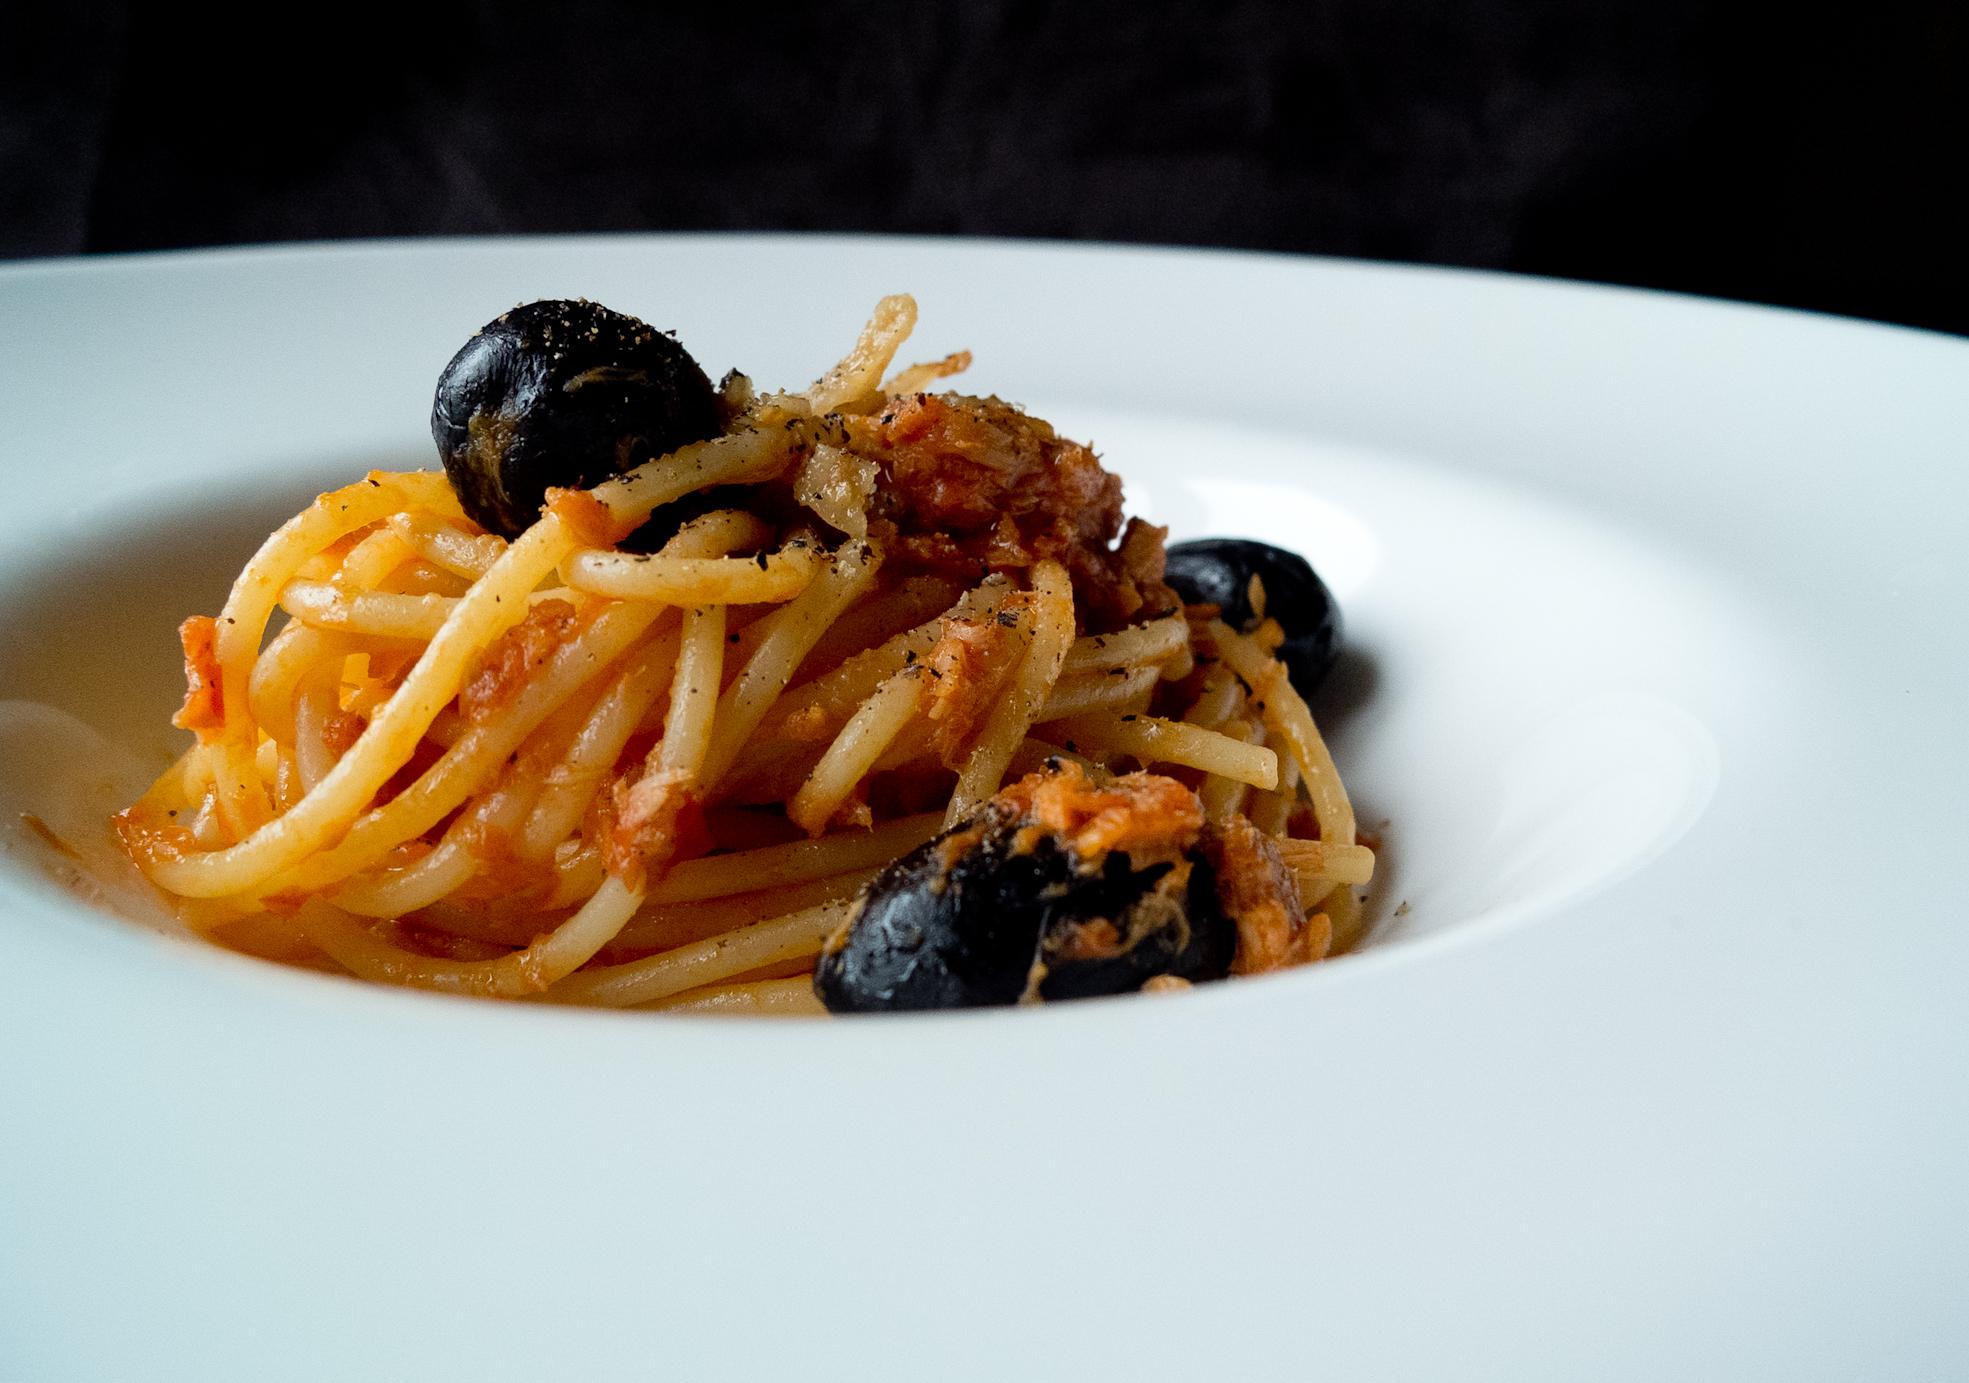 Mica la solita pasta col tonno: spaghetti con tonno, lardo e olive.